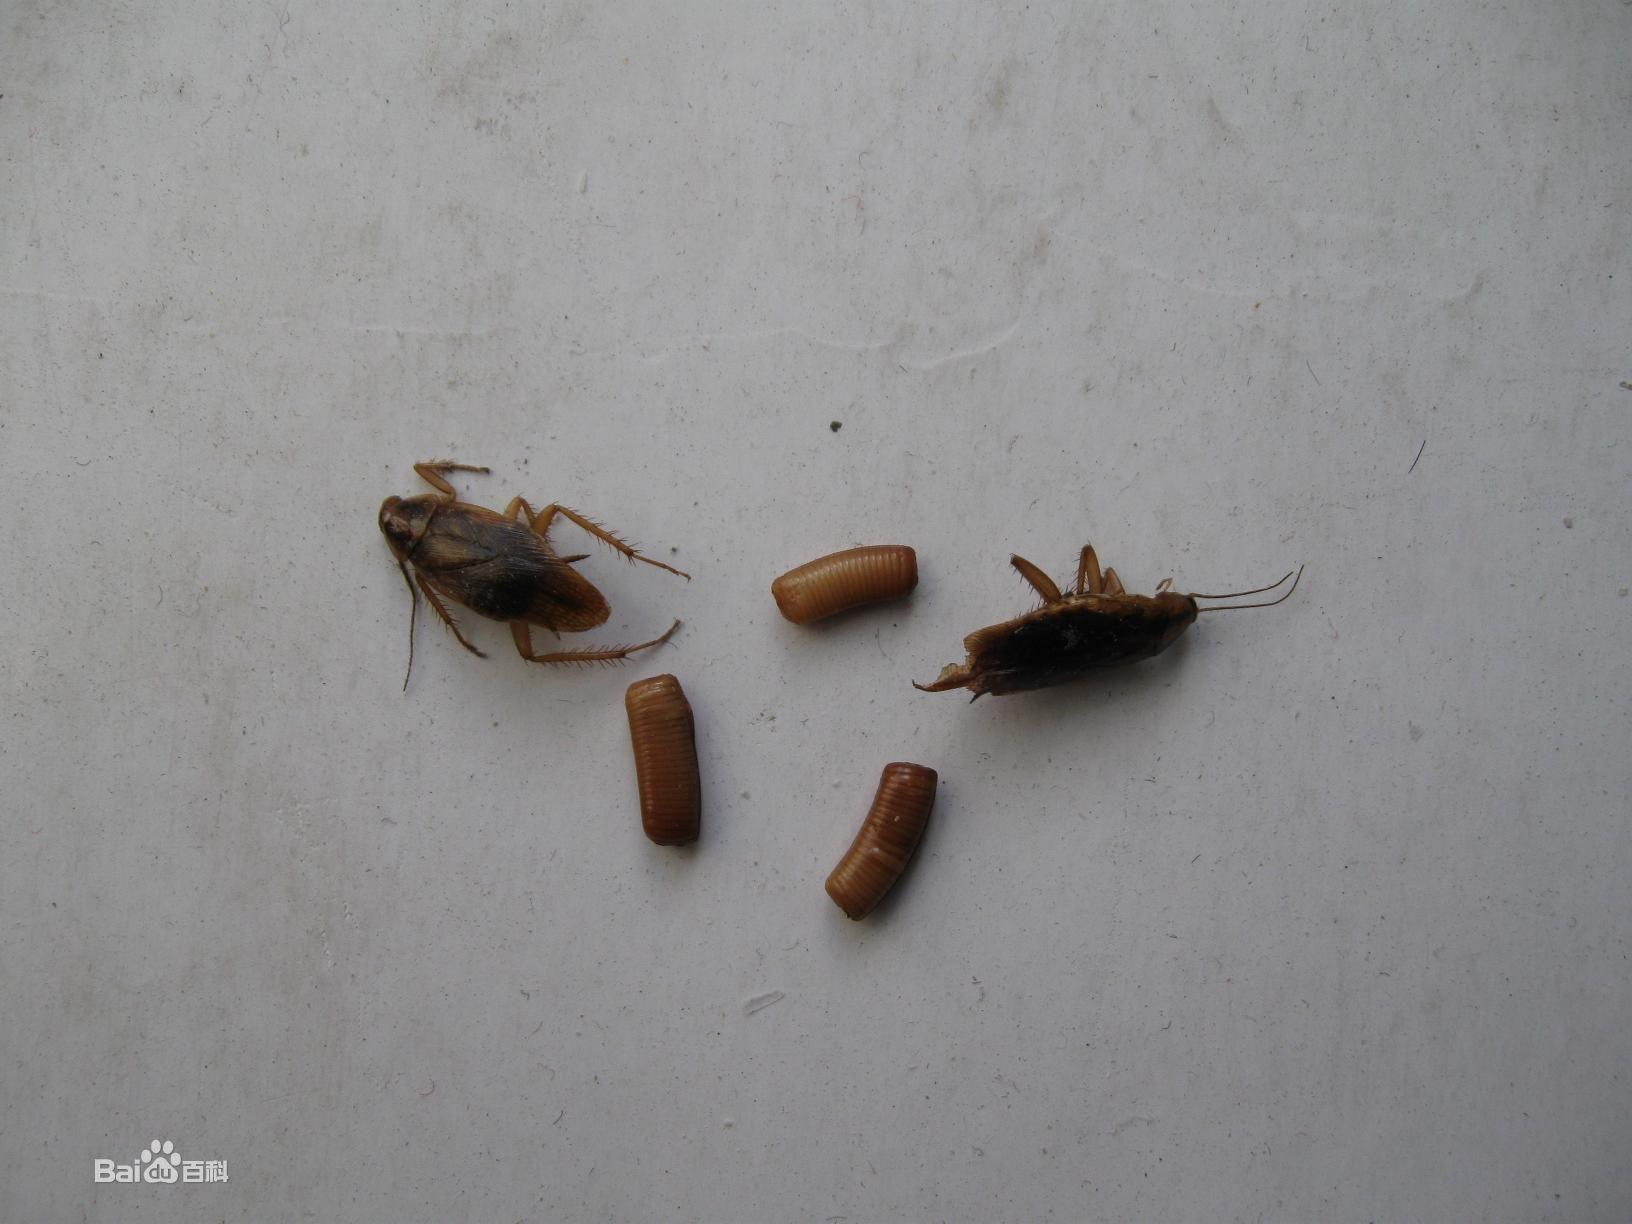 牙里的虫子长什么样_蟑螂的卵长什么样图片_百度知道